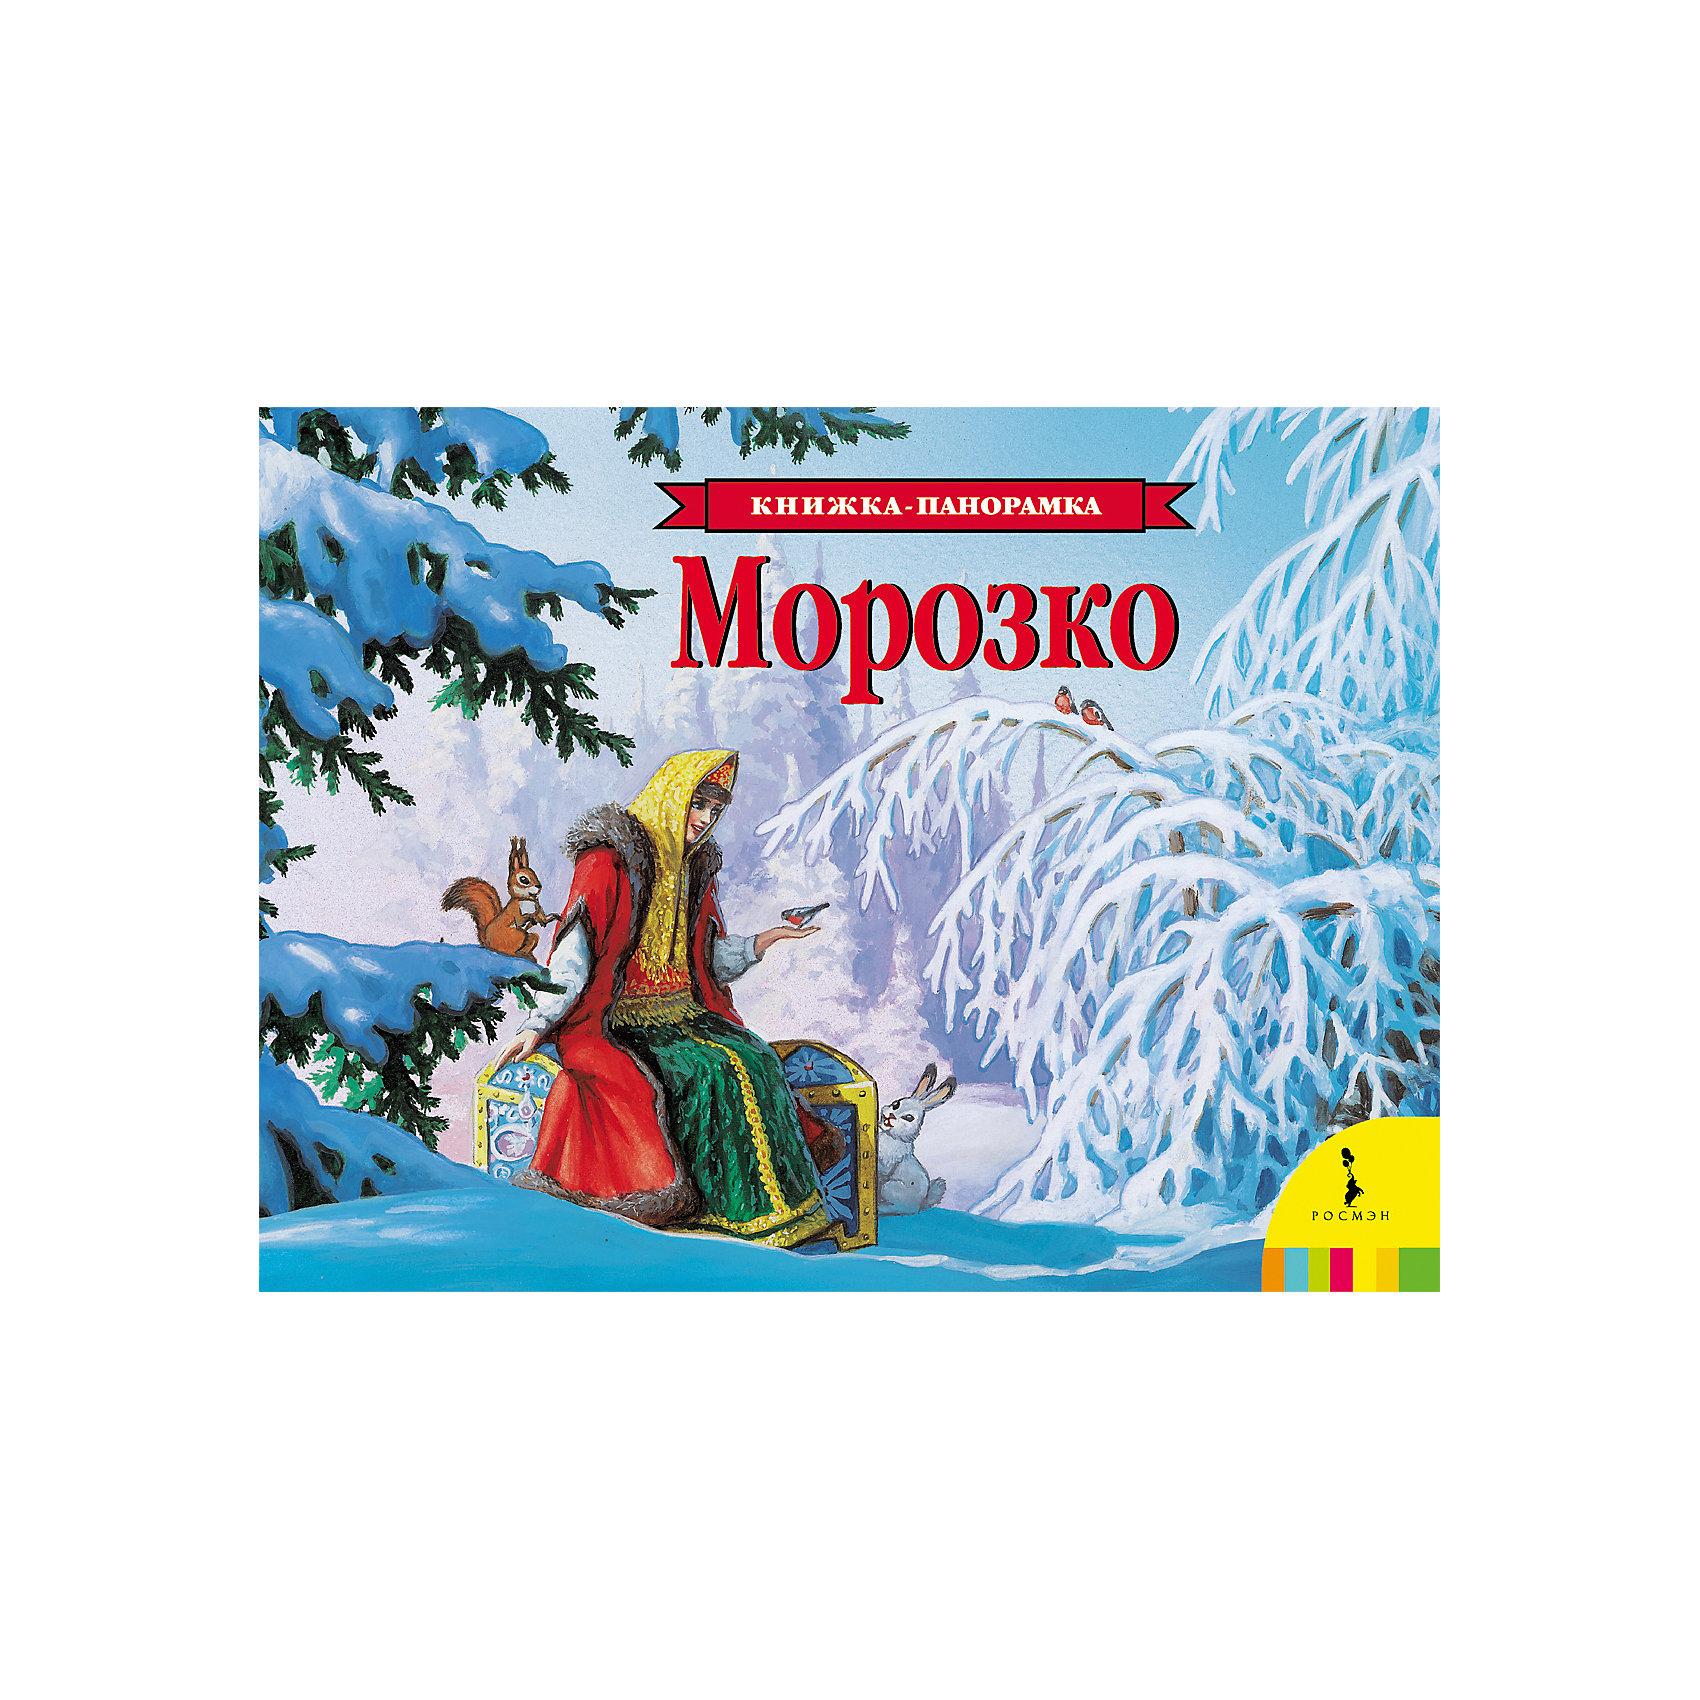 Панорамная книжка МорозкоХарактеристики товара:<br><br>- цвет: разноцветный;<br>- материал: бумага;<br>- страниц: 12;<br>- обложка: картон;<br>- панорамная;<br>- цветные иллюстрации;<br>- для дошкольного возраста.<br><br>Эта интересная книга с яркими иллюстрациями станет отличным подарком для ребенка. Она содержит в себе известную сказку, причем - на каждом развороте панорамные картинки оживают! Талантливый иллюстратор дополнил книгу яркими картинками, которые помогают ребенку проникнуться духом праздника.<br>Чтение - отличный способ активизации мышления, оно помогает ребенку развивать зрительную память, концентрацию внимания и воображение. Издание произведено из качественных материалов, которые безопасны даже для самых маленьких.<br><br>Панорамную книжку Морозко от компании Росмэн можно купить в нашем интернет-магазине.<br><br>Ширина мм: 255<br>Глубина мм: 195<br>Высота мм: 15<br>Вес г: 310<br>Возраст от месяцев: 0<br>Возраст до месяцев: 36<br>Пол: Унисекс<br>Возраст: Детский<br>SKU: 5109804